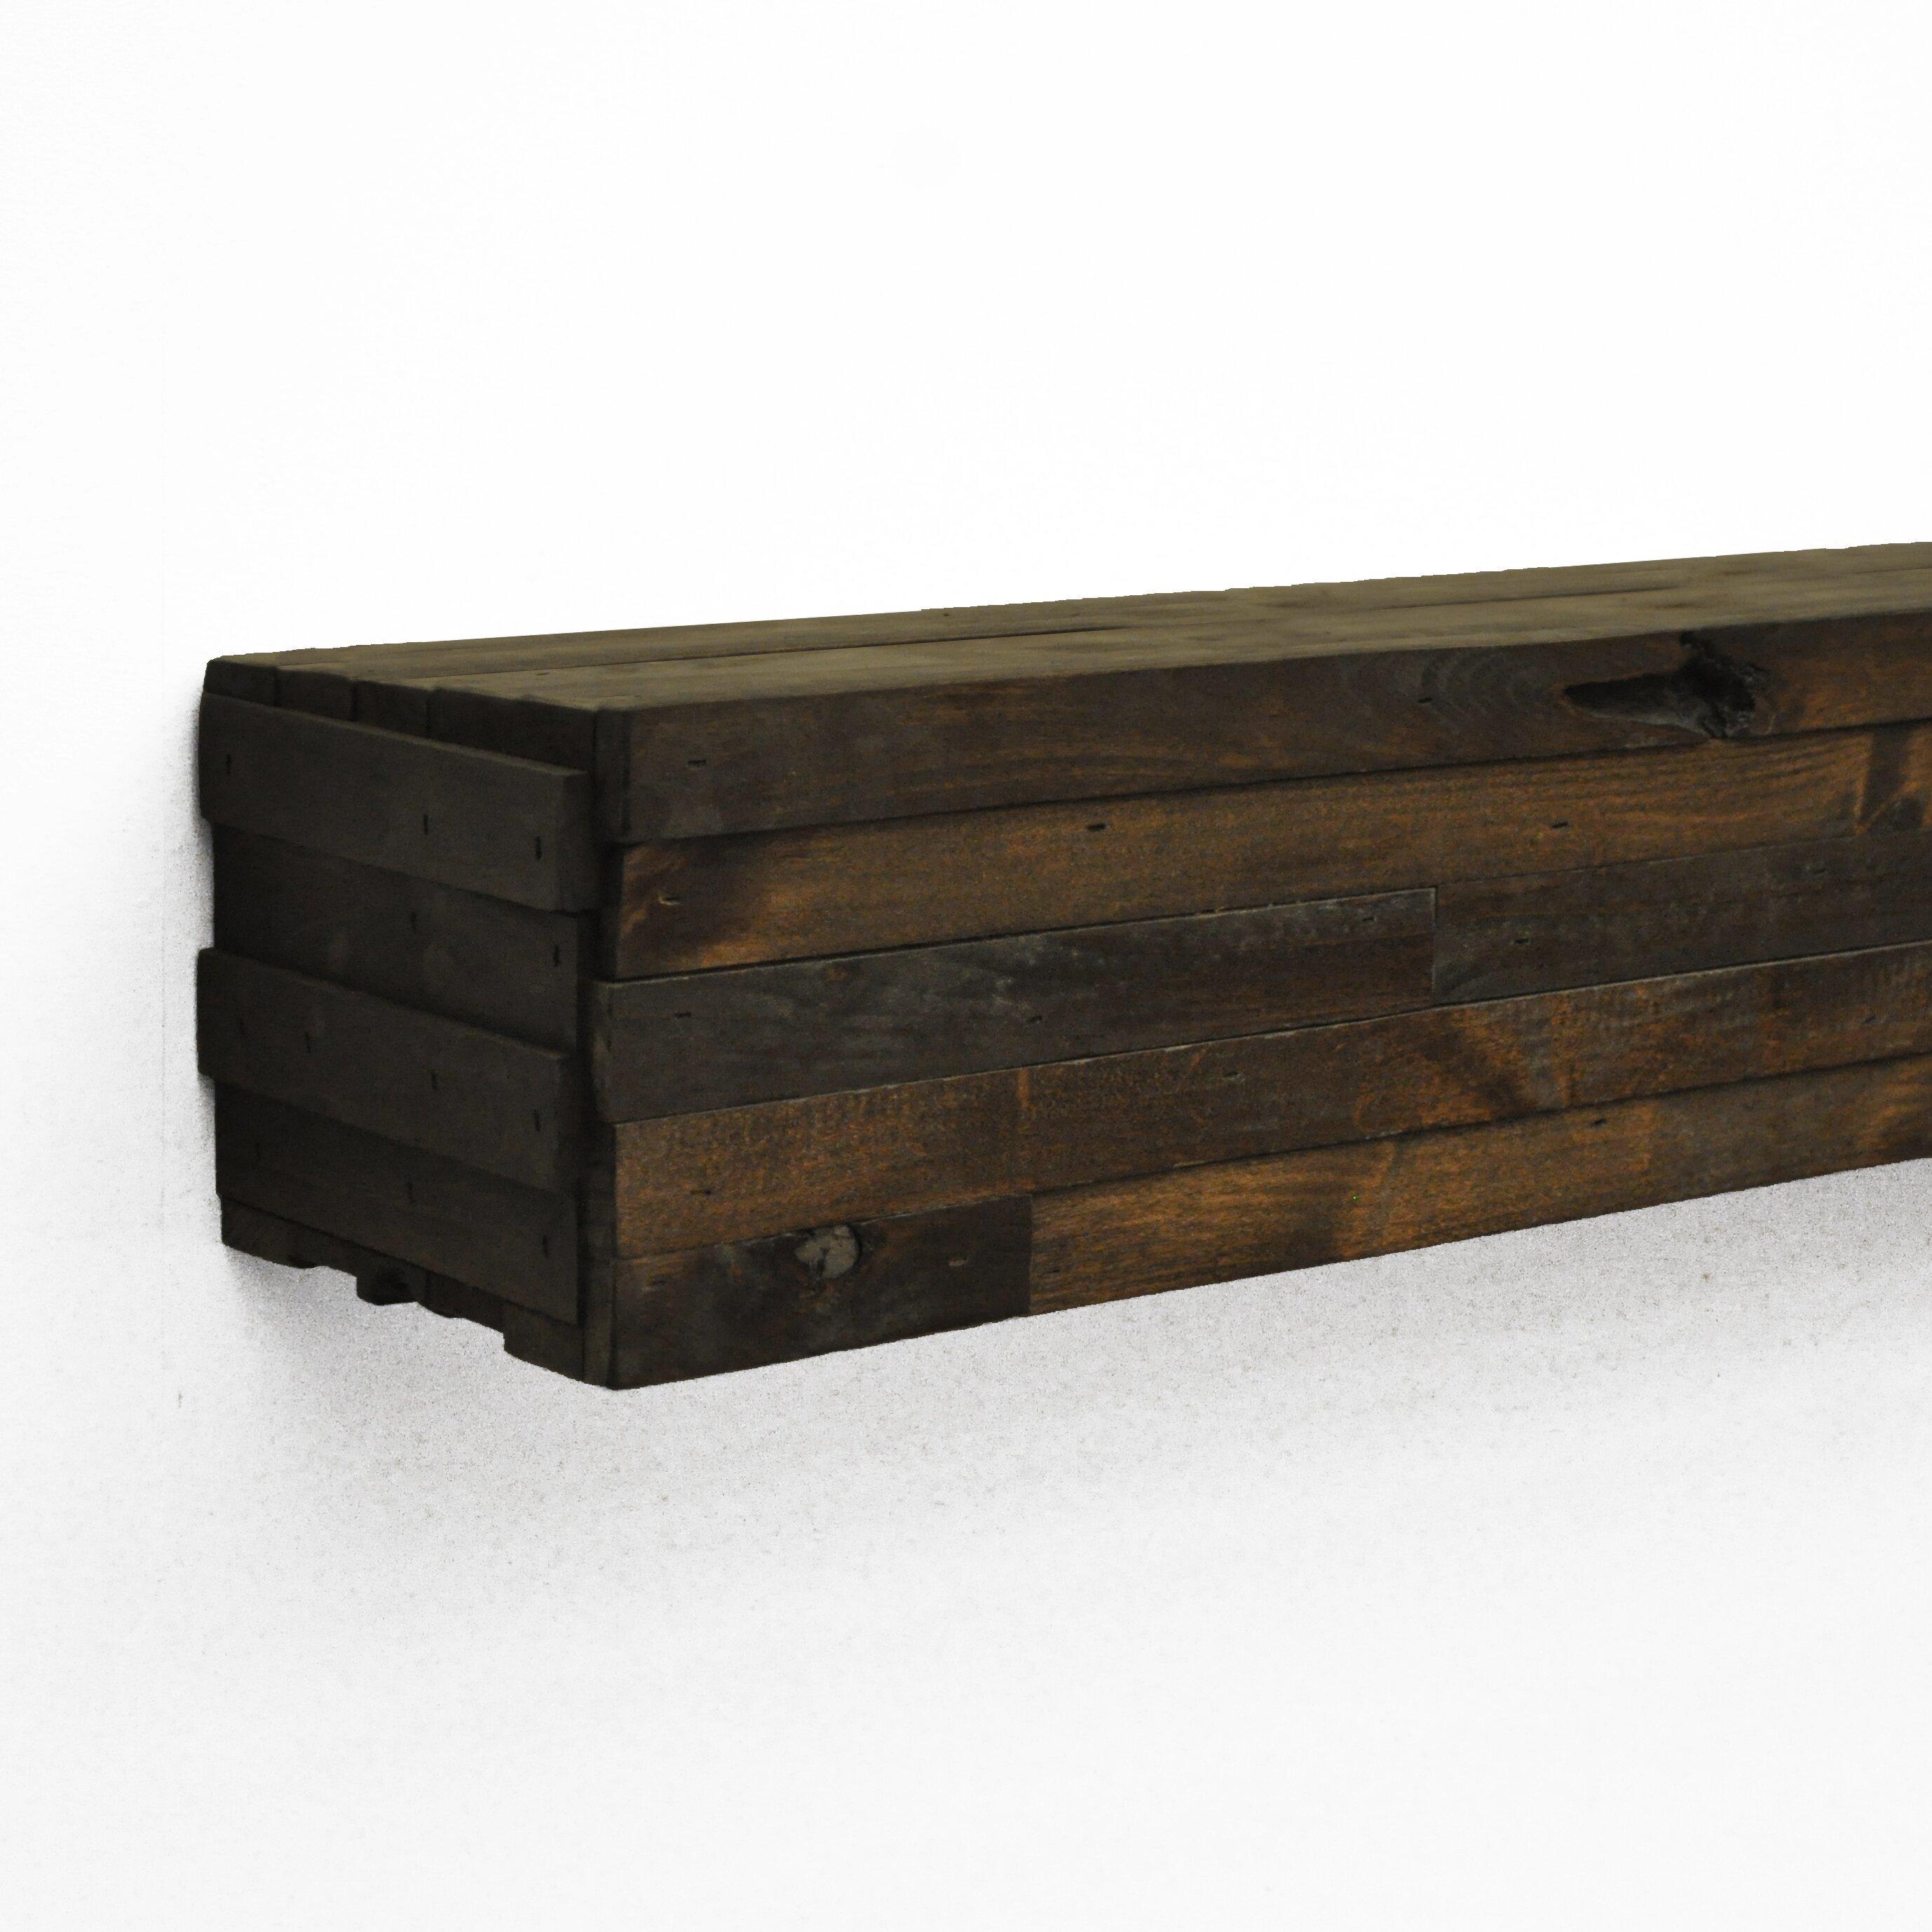 Modern fireplace mantel shelf wayfair - Beneficial contemporary fireplace mantel shelves ...